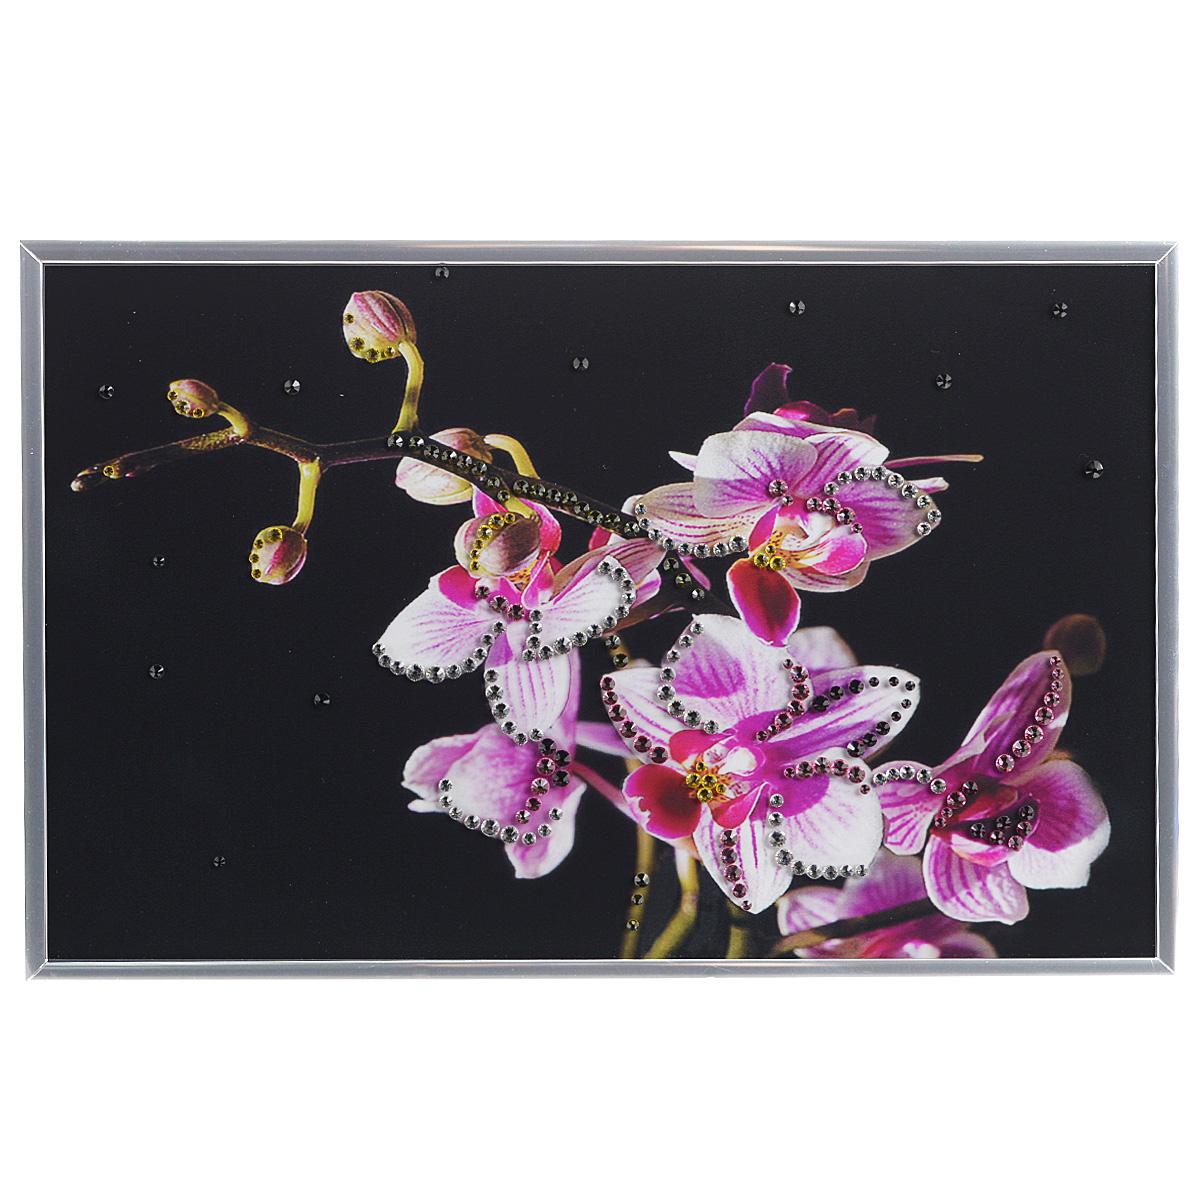 Картина с кристаллами Swarovski Маленькая орхидея, 30 х 20 см24х30 Р1500-370130Изящная картина в металлической раме, инкрустирована кристаллами Swarovski, которые отличаются четкой и ровной огранкой, ярким блеском и чистотой цвета. Красочное изображение цветков орхидеи, расположенное под стеклом, прекрасно дополняет блеск кристаллов. С обратной стороны имеется металлическая петелька для размещения картины на стене.Картина с кристаллами Swarovski Маленькая орхидея элегантно украсит интерьер дома или офиса, а также станет прекрасным подарком, который обязательно понравится получателю. Блеск кристаллов в интерьере, что может быть сказочнее и удивительнее. Картина упакована в подарочную картонную коробку синего цвета и комплектуется сертификатом соответствия Swarovski.